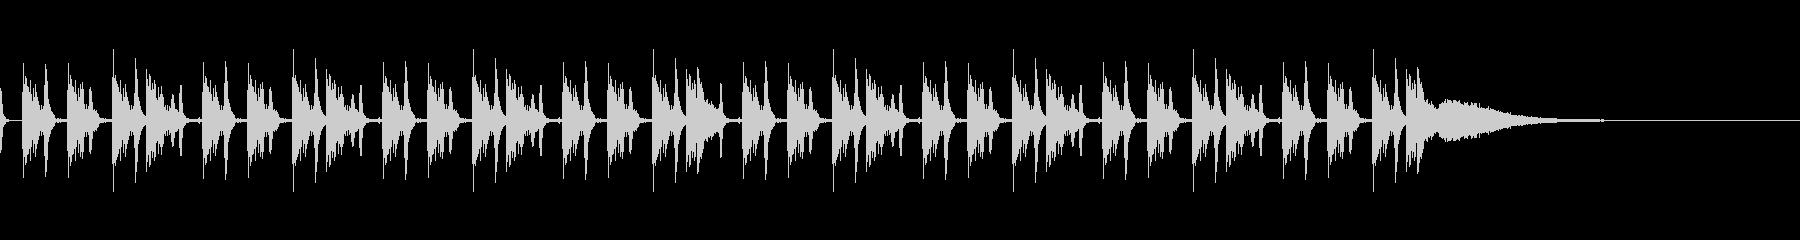 ニュース2(約30秒 ループ可)の未再生の波形